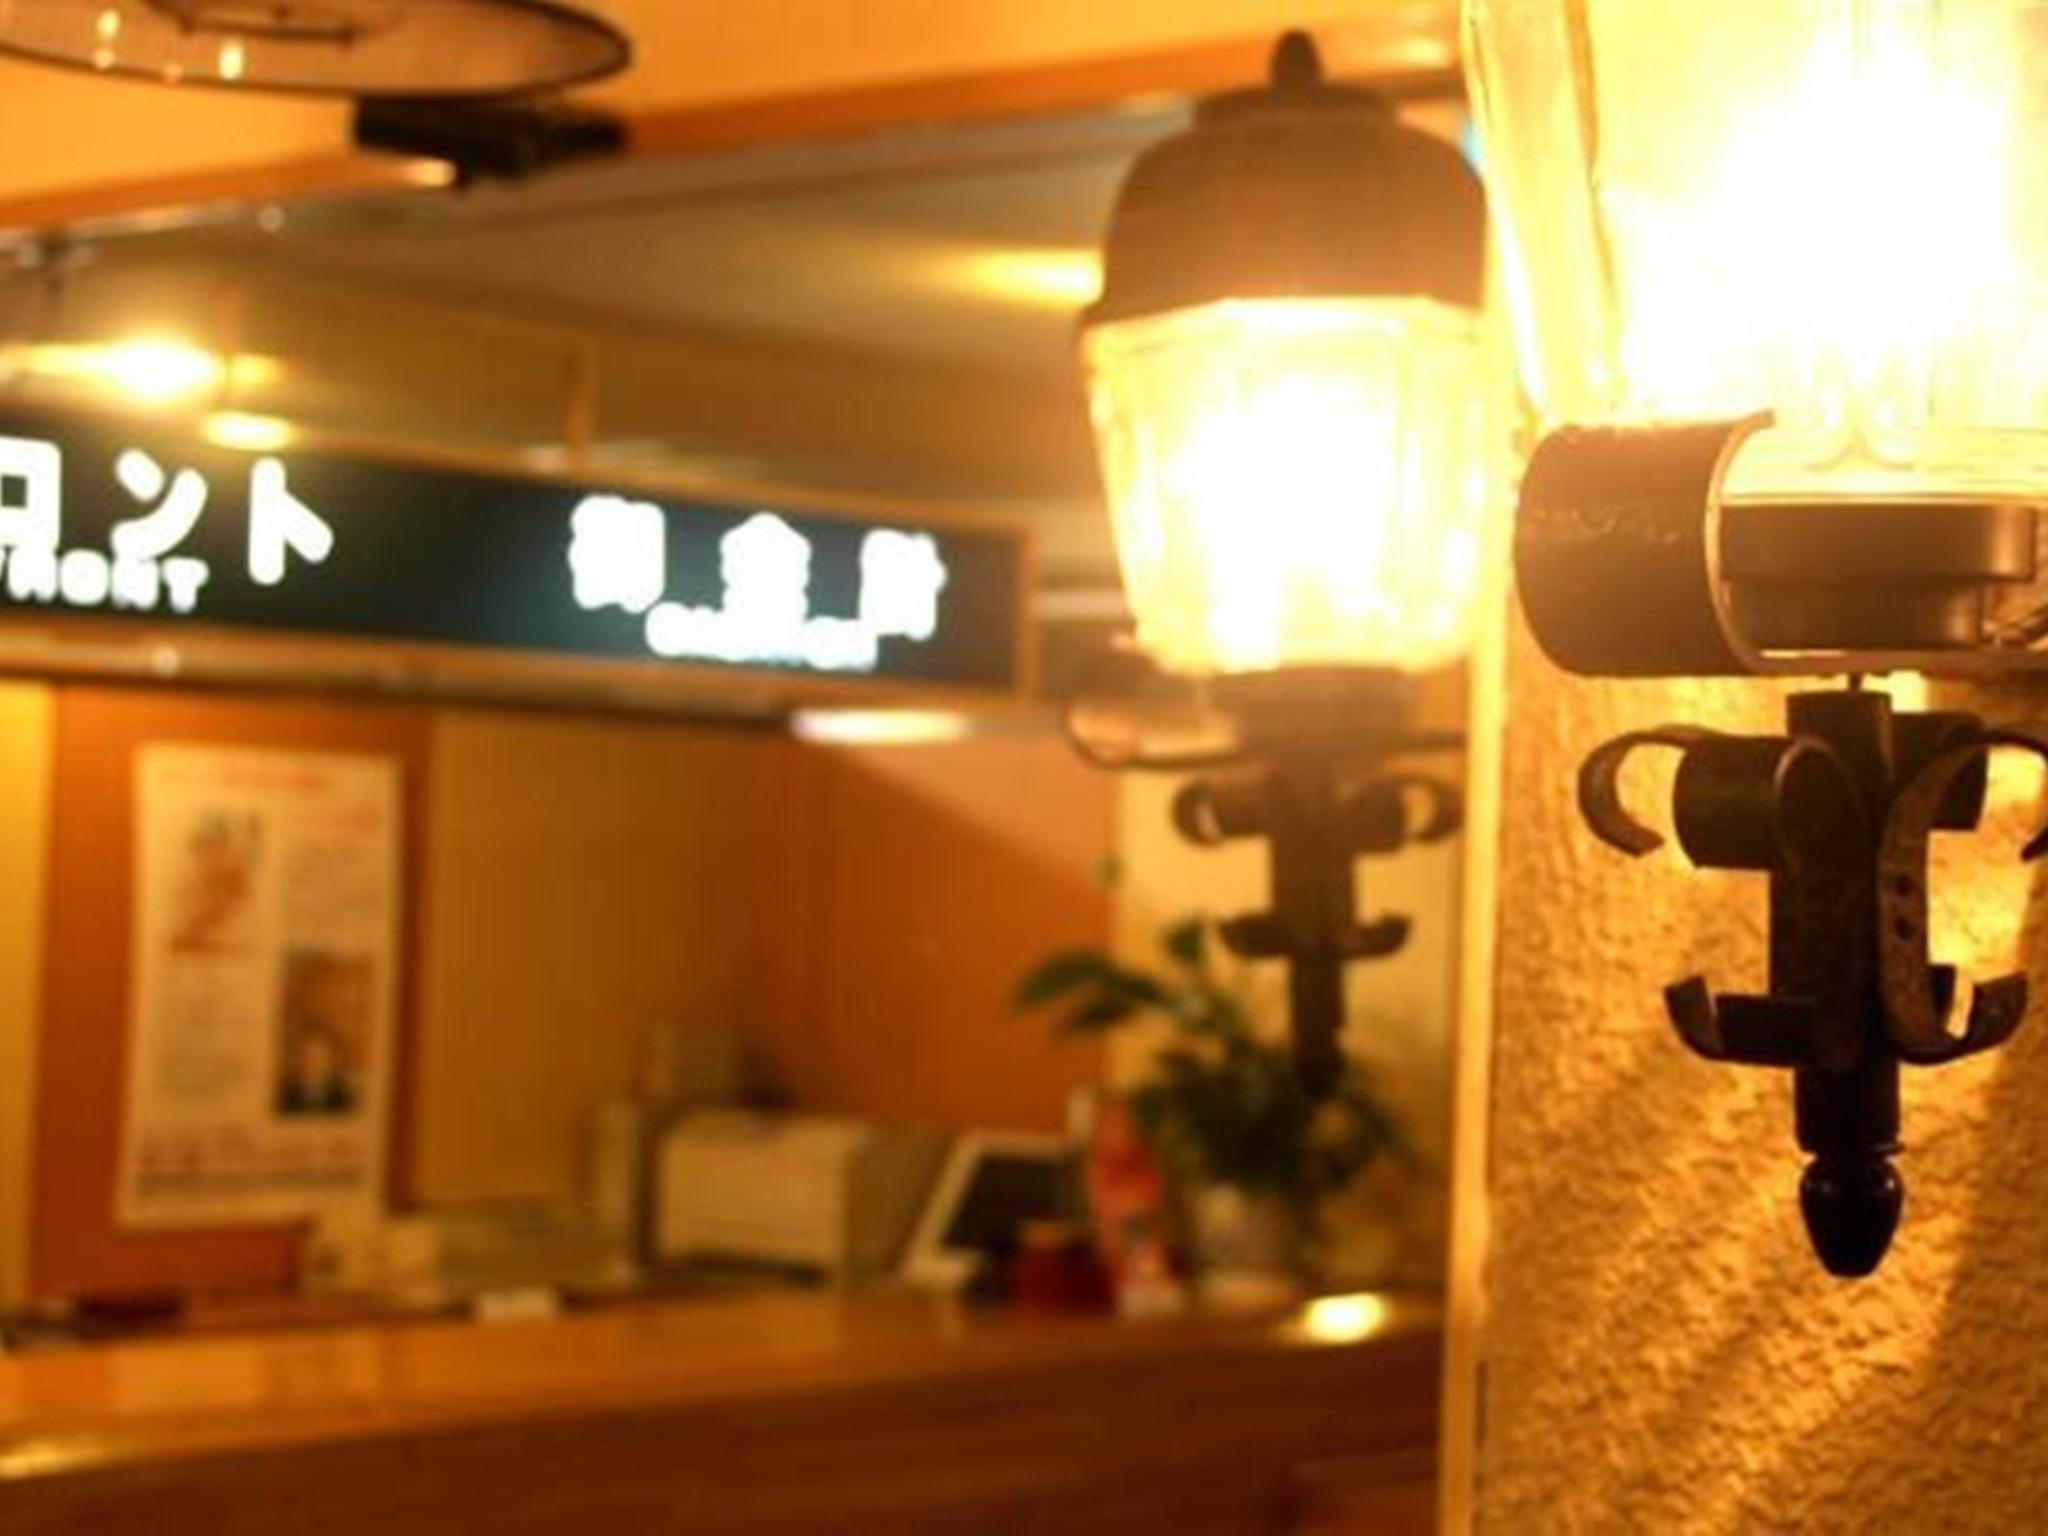 Fuji Royal Hotel Kawaguchiko, Fujikawaguchiko